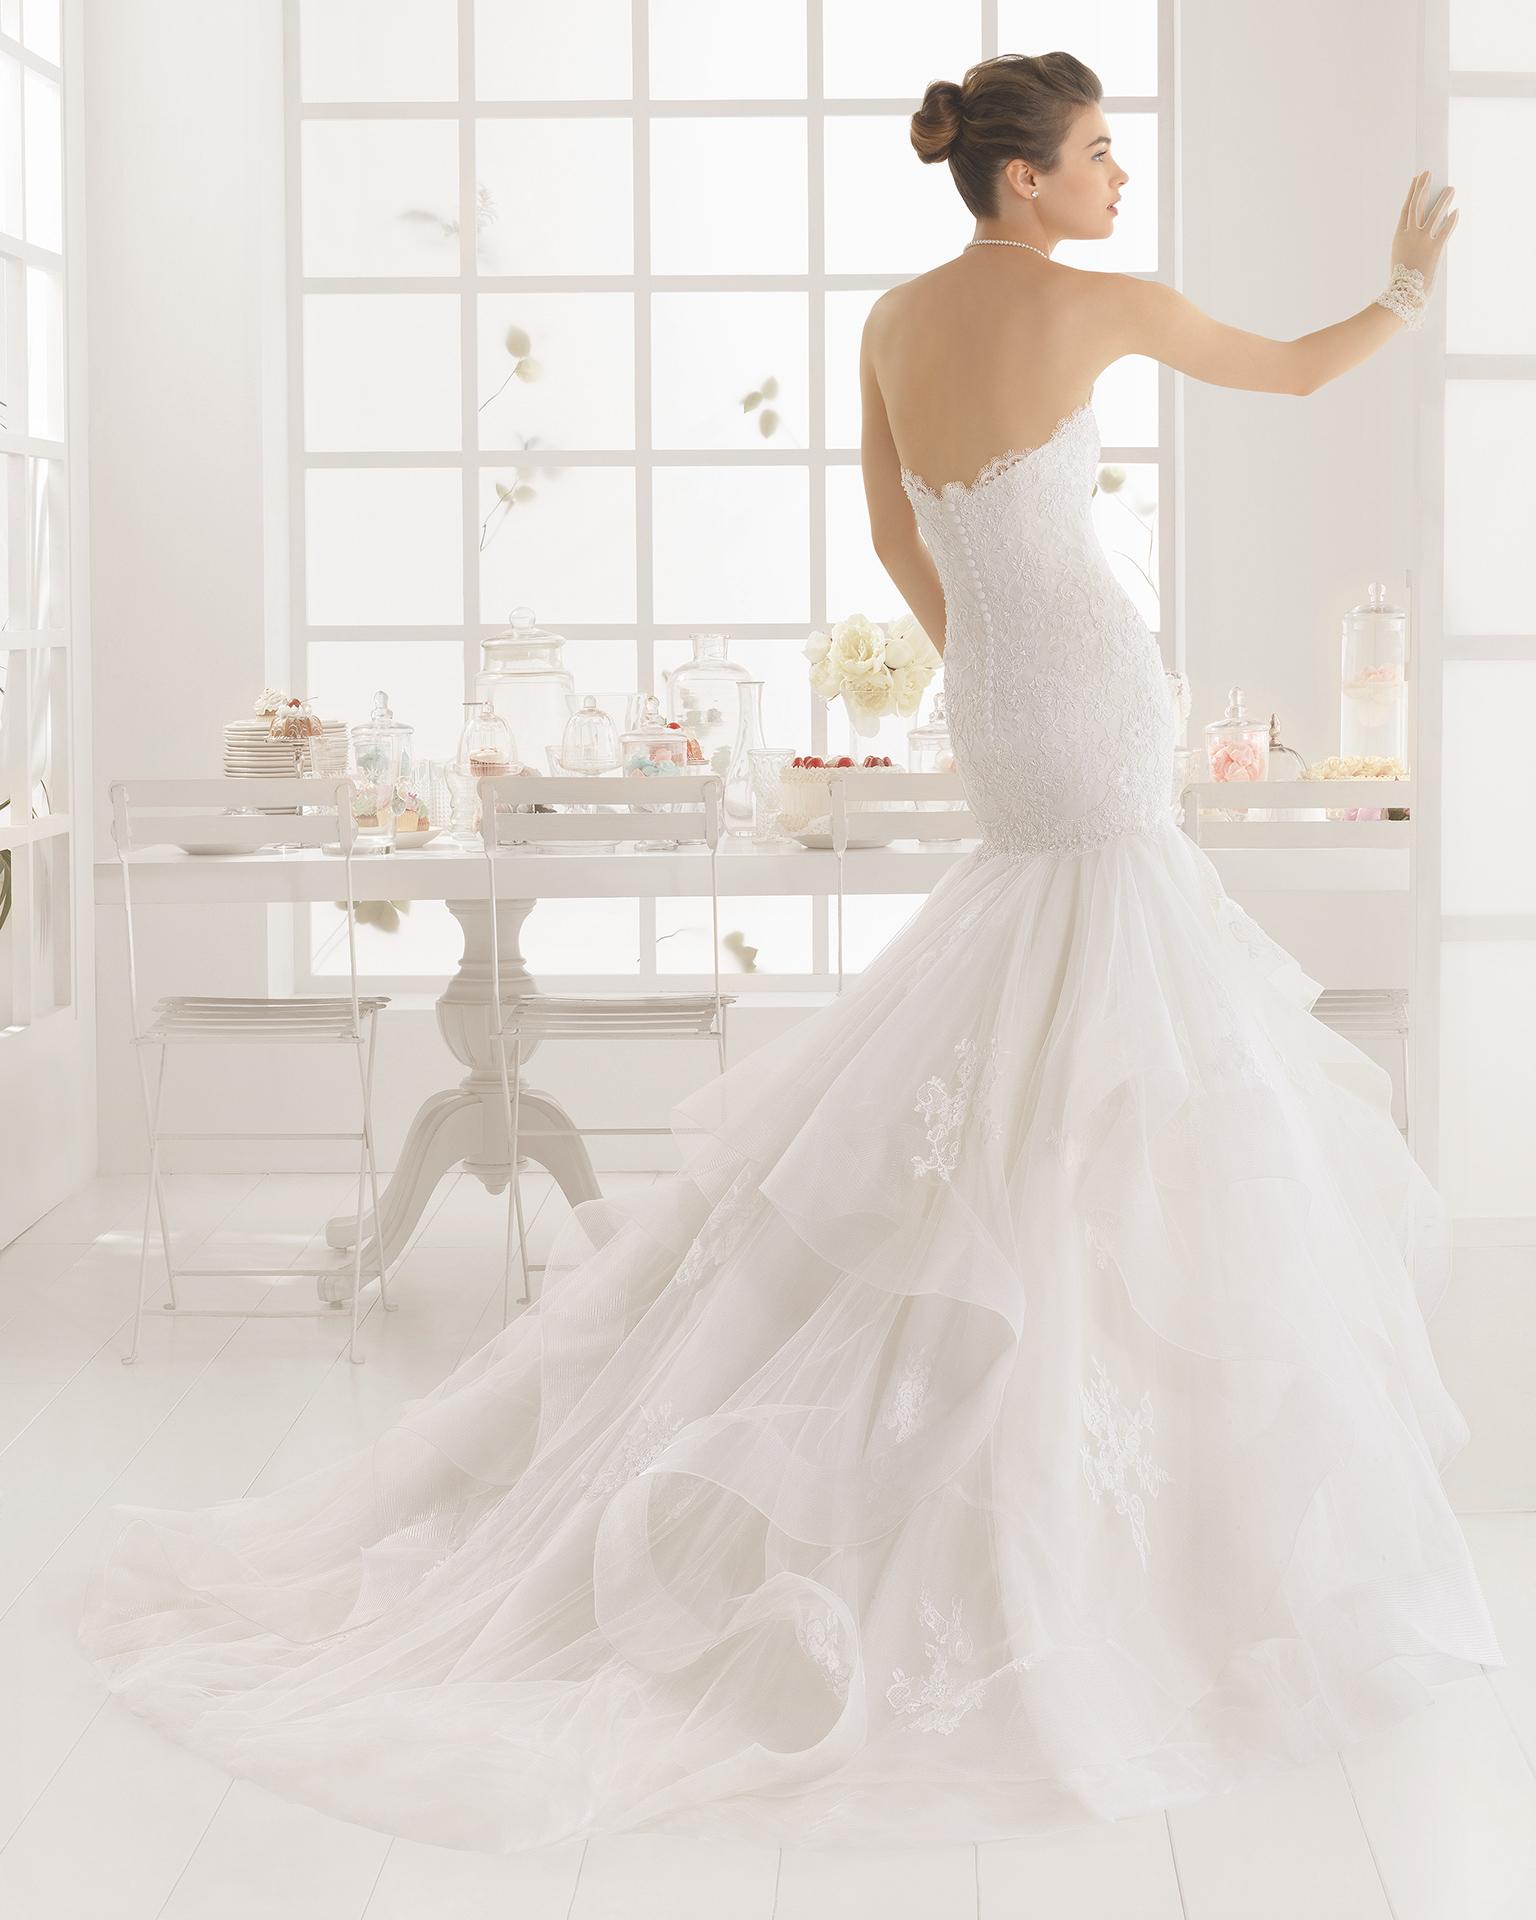 MEDIEVAL Strass besetztes Hochzeitskleid aus Spitze und Tüll.